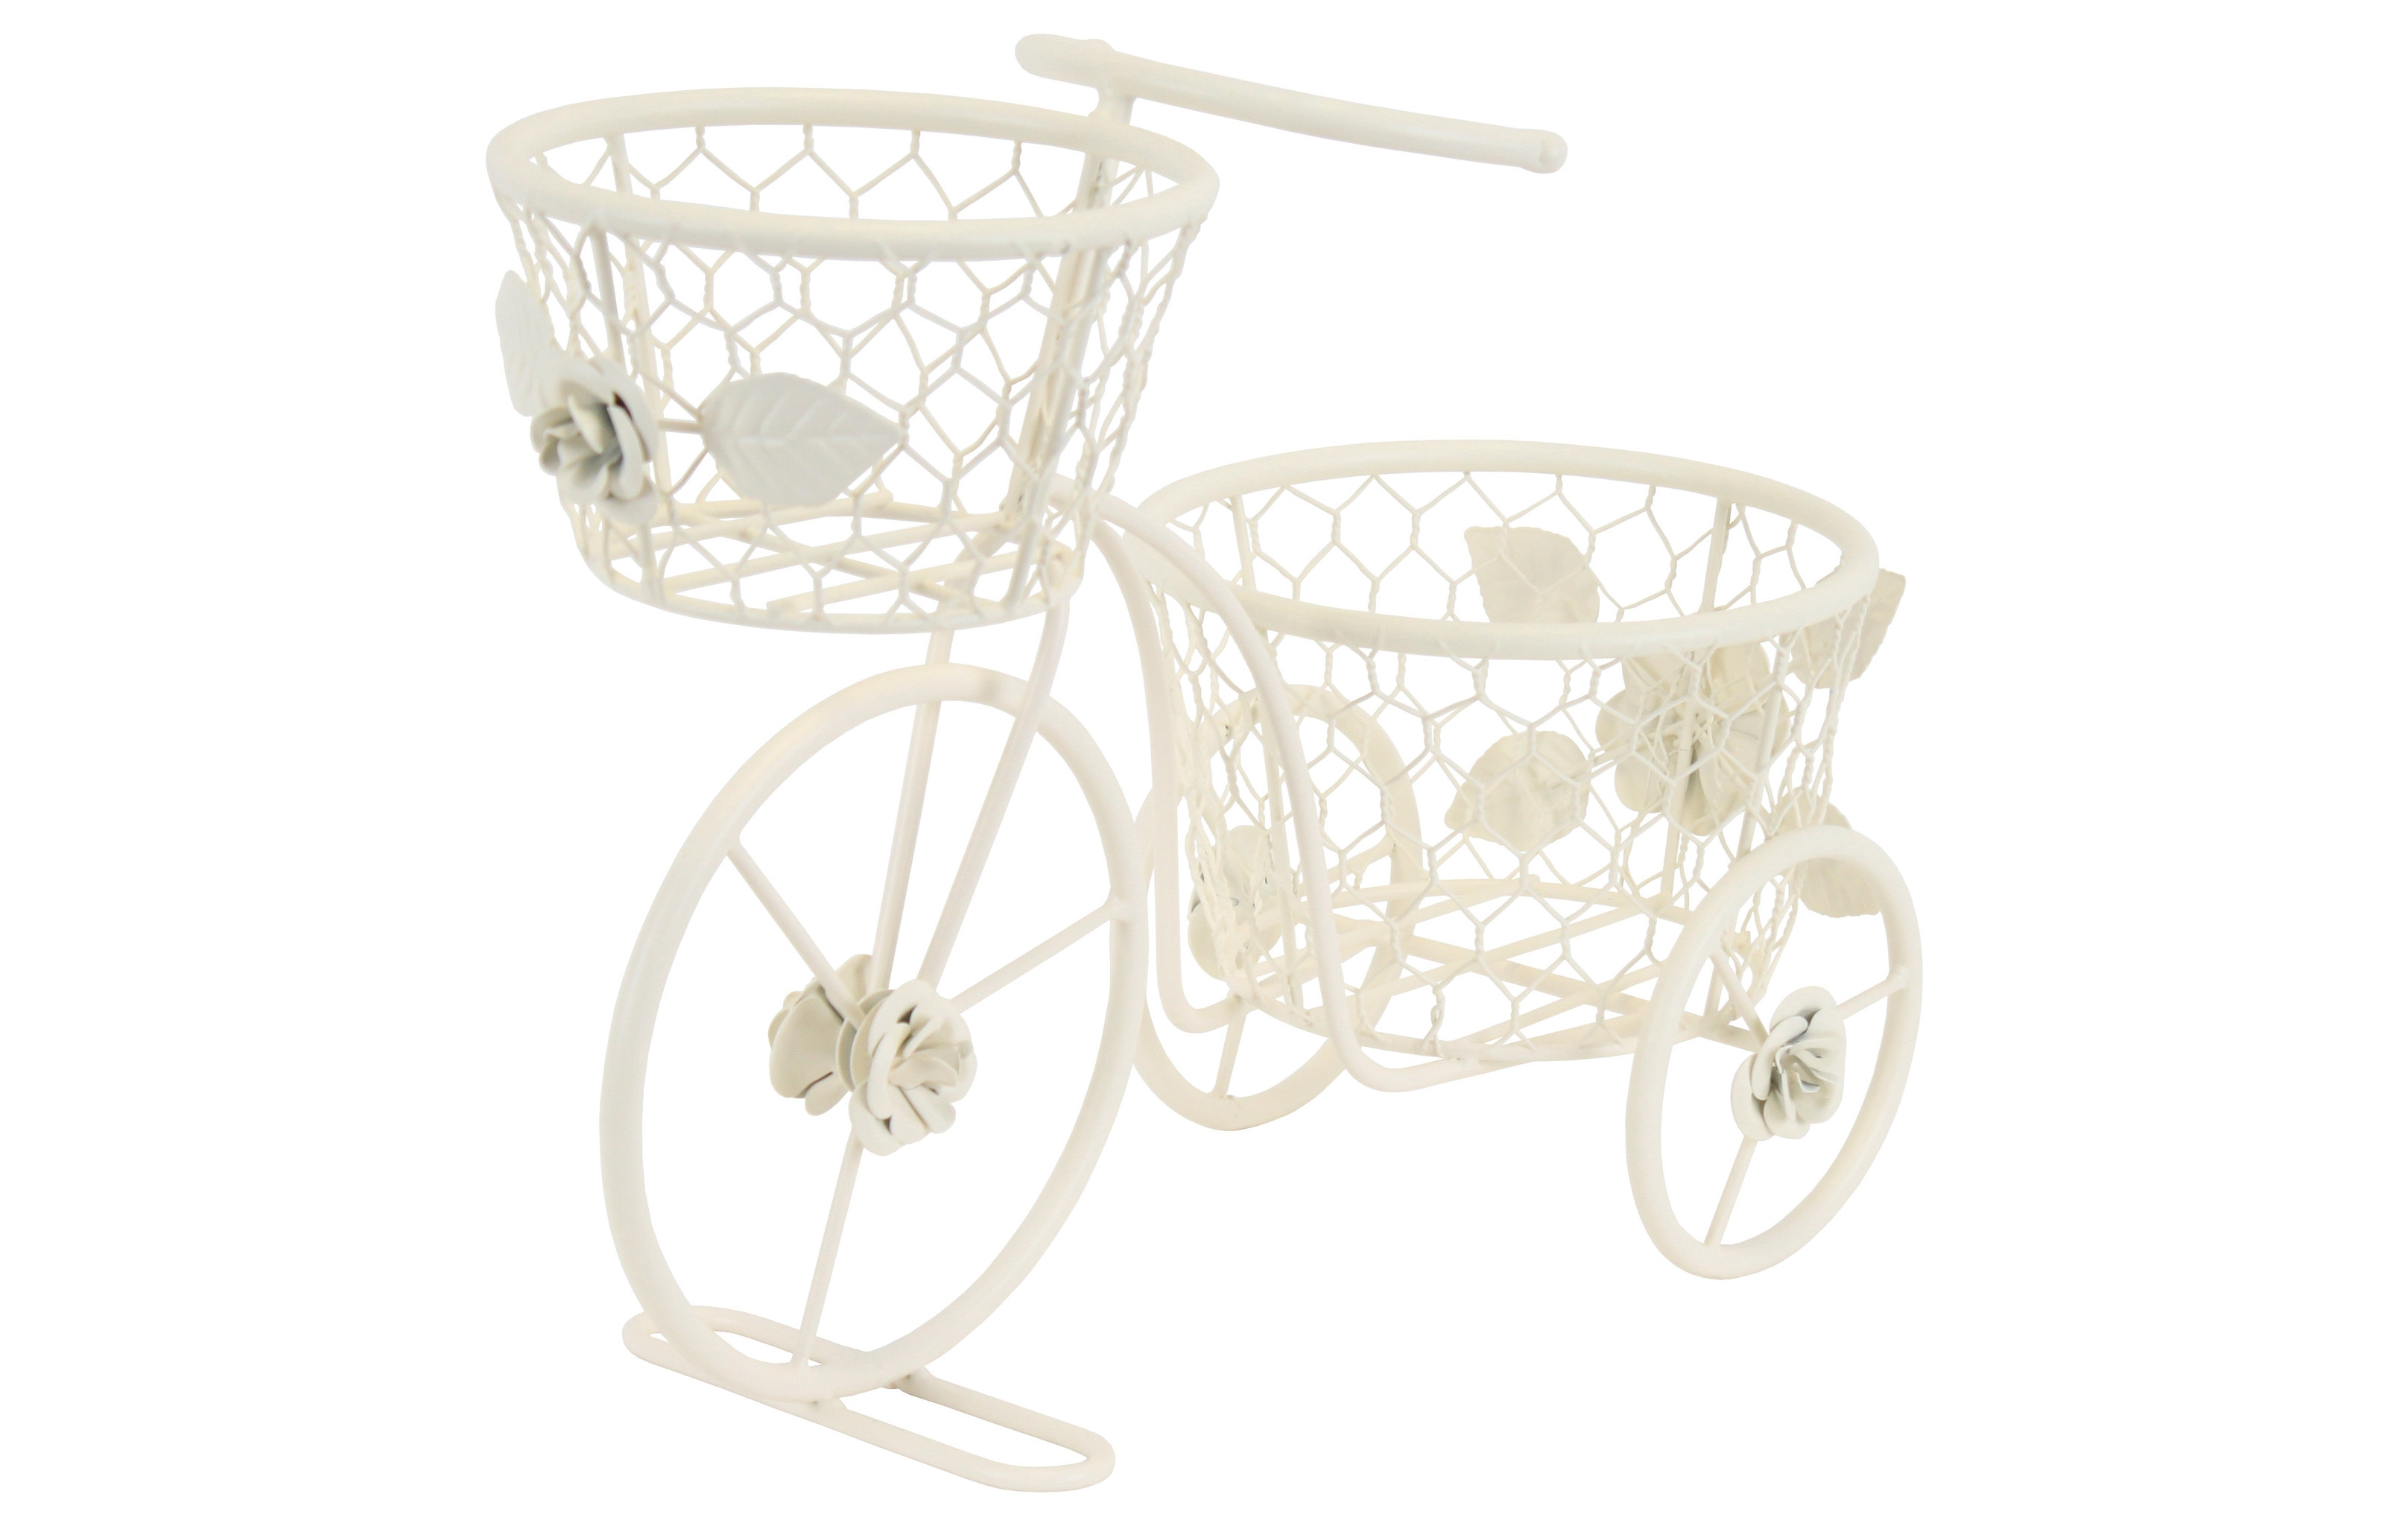 КашпоКашпо и подставки для дачи и сада<br>Металлическое кашпо в виде велосипеда – одна из самых модных вещиц для интерьера! Детали сварены очень крепко, украшены коваными цветами и окрашены в светло-бежевый оттенок. Краска надежно защищает металл от коррозии, не трескается и не меняет свой цвет со временем. Кашпо не громоздкое, без труда поместится на подоконник стандартных габаритов.<br><br>Material: Металл<br>Length см: 43<br>Width см: 19<br>Height см: 32